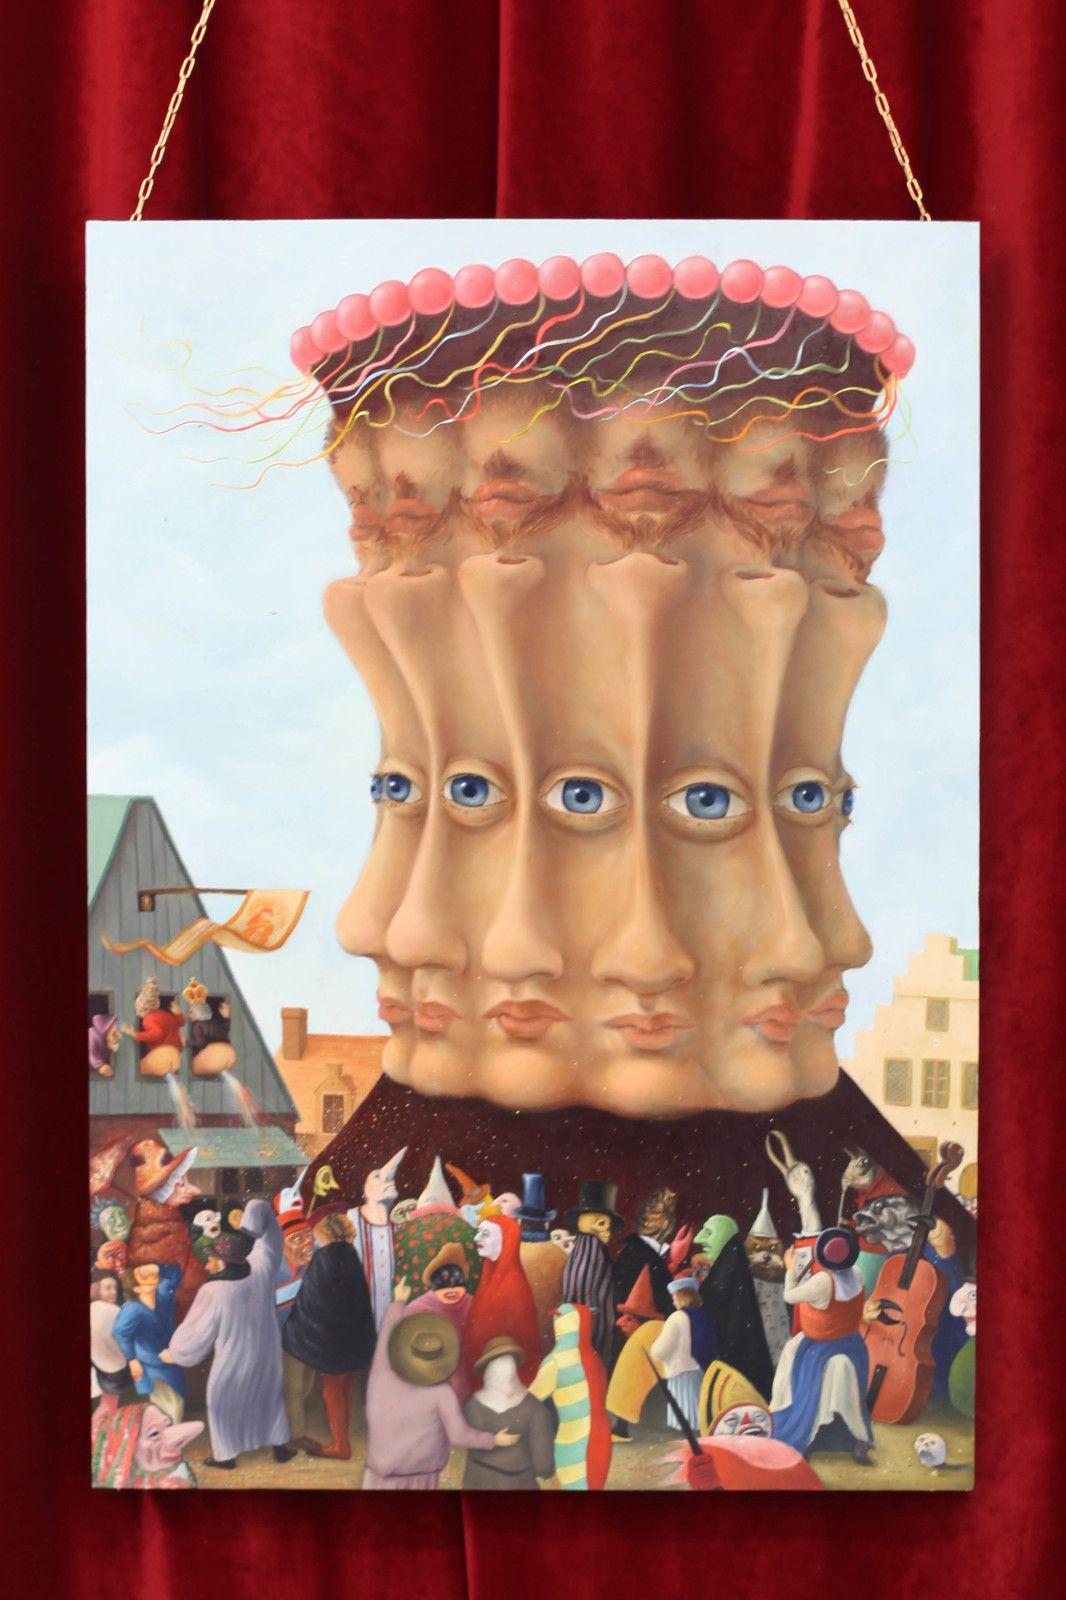 """""""La grande tête, série Carnavals"""", 2019 de Antoine ROEGIERS - Courtesy de l'artiste et de la Galerie Suzanne TARASIEVE © Photo Éric Simon"""